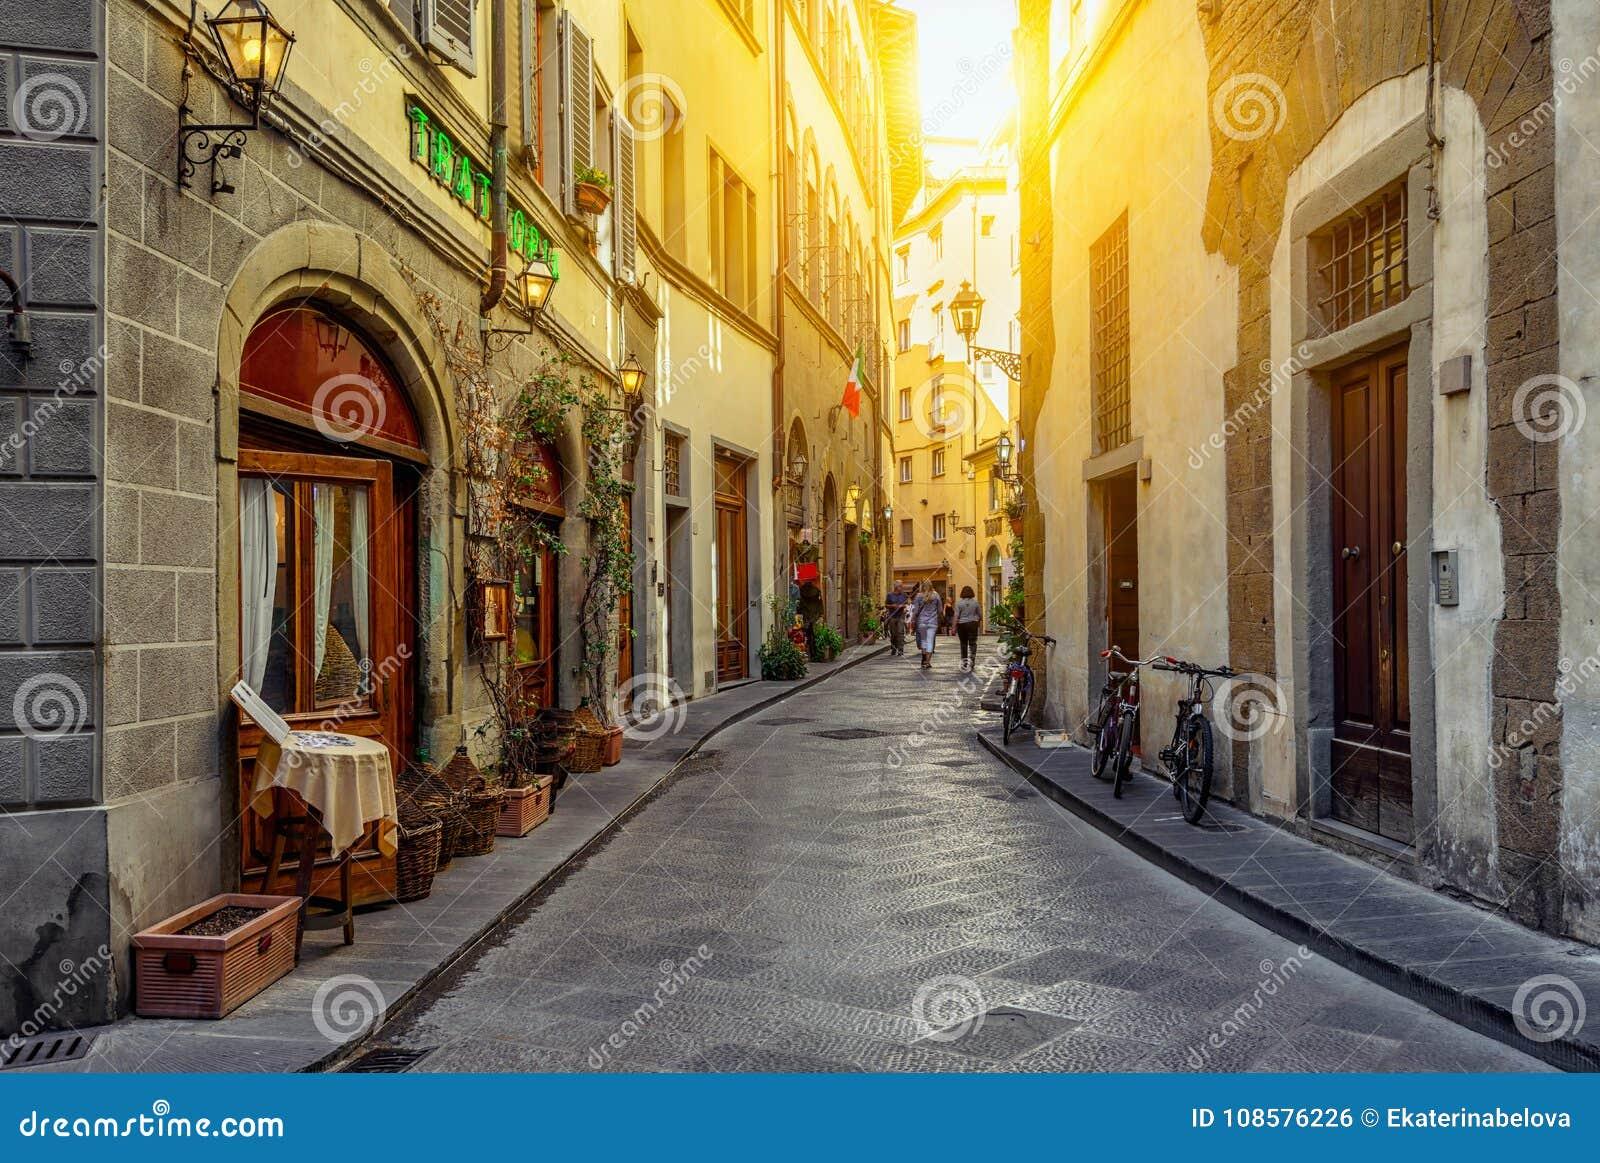 狭窄的舒适街道在佛罗伦萨,托斯卡纳